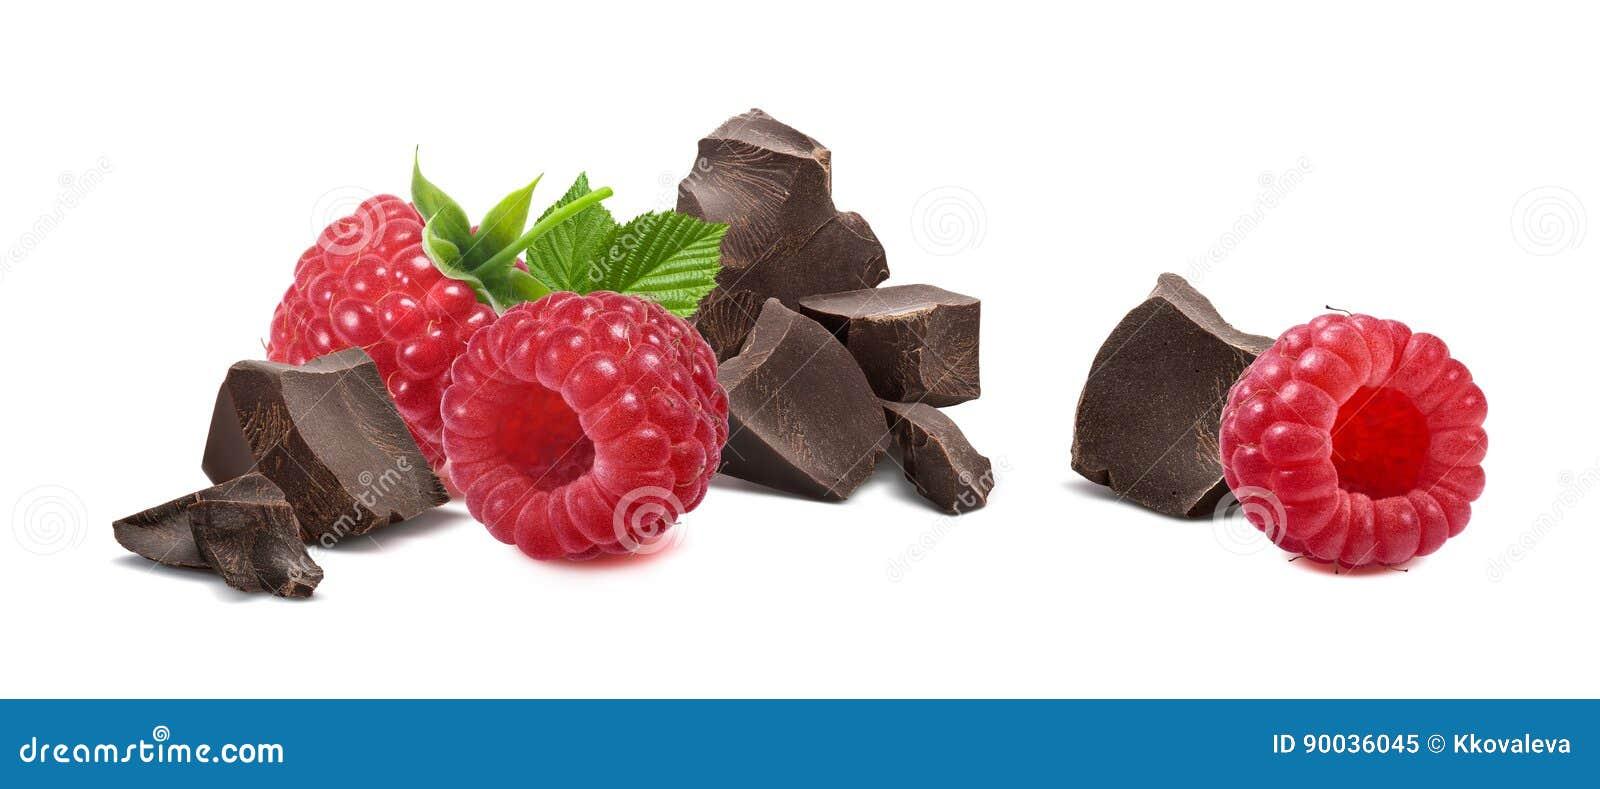 Σπασμένη σμέουρο σοκολάτα που απομονώνεται στο άσπρο υπόβαθρο